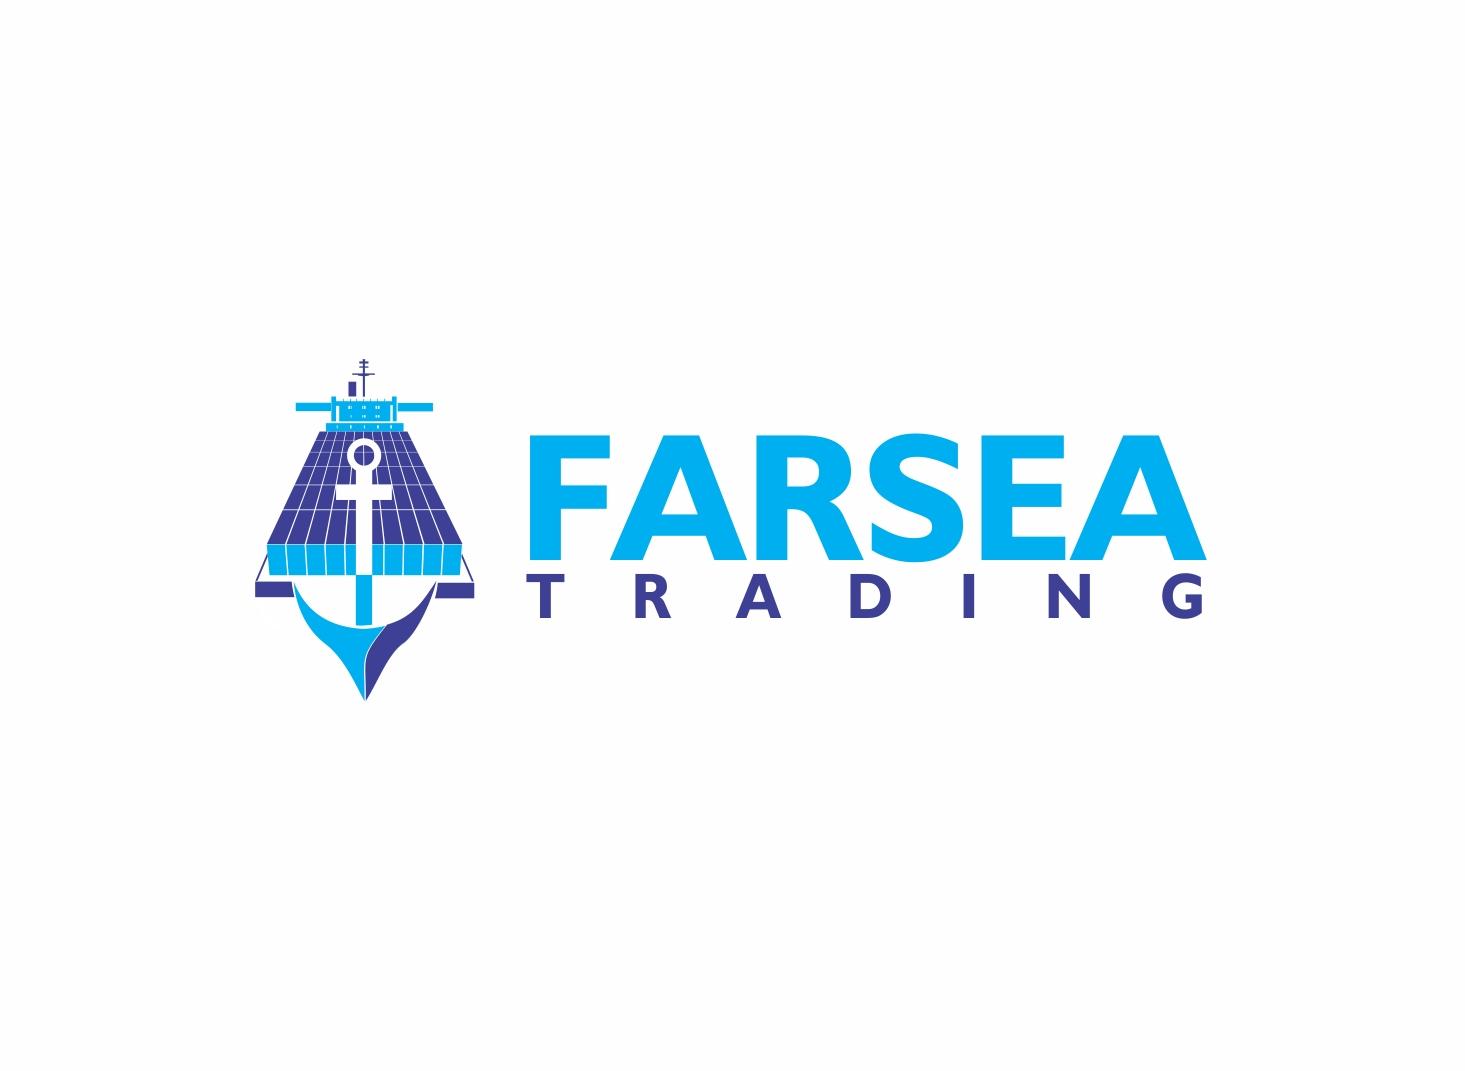 Logo Design by Zdravko Krulj - Entry No. 10 in the Logo Design Contest Unique Logo Design Wanted for Farsea Trading.